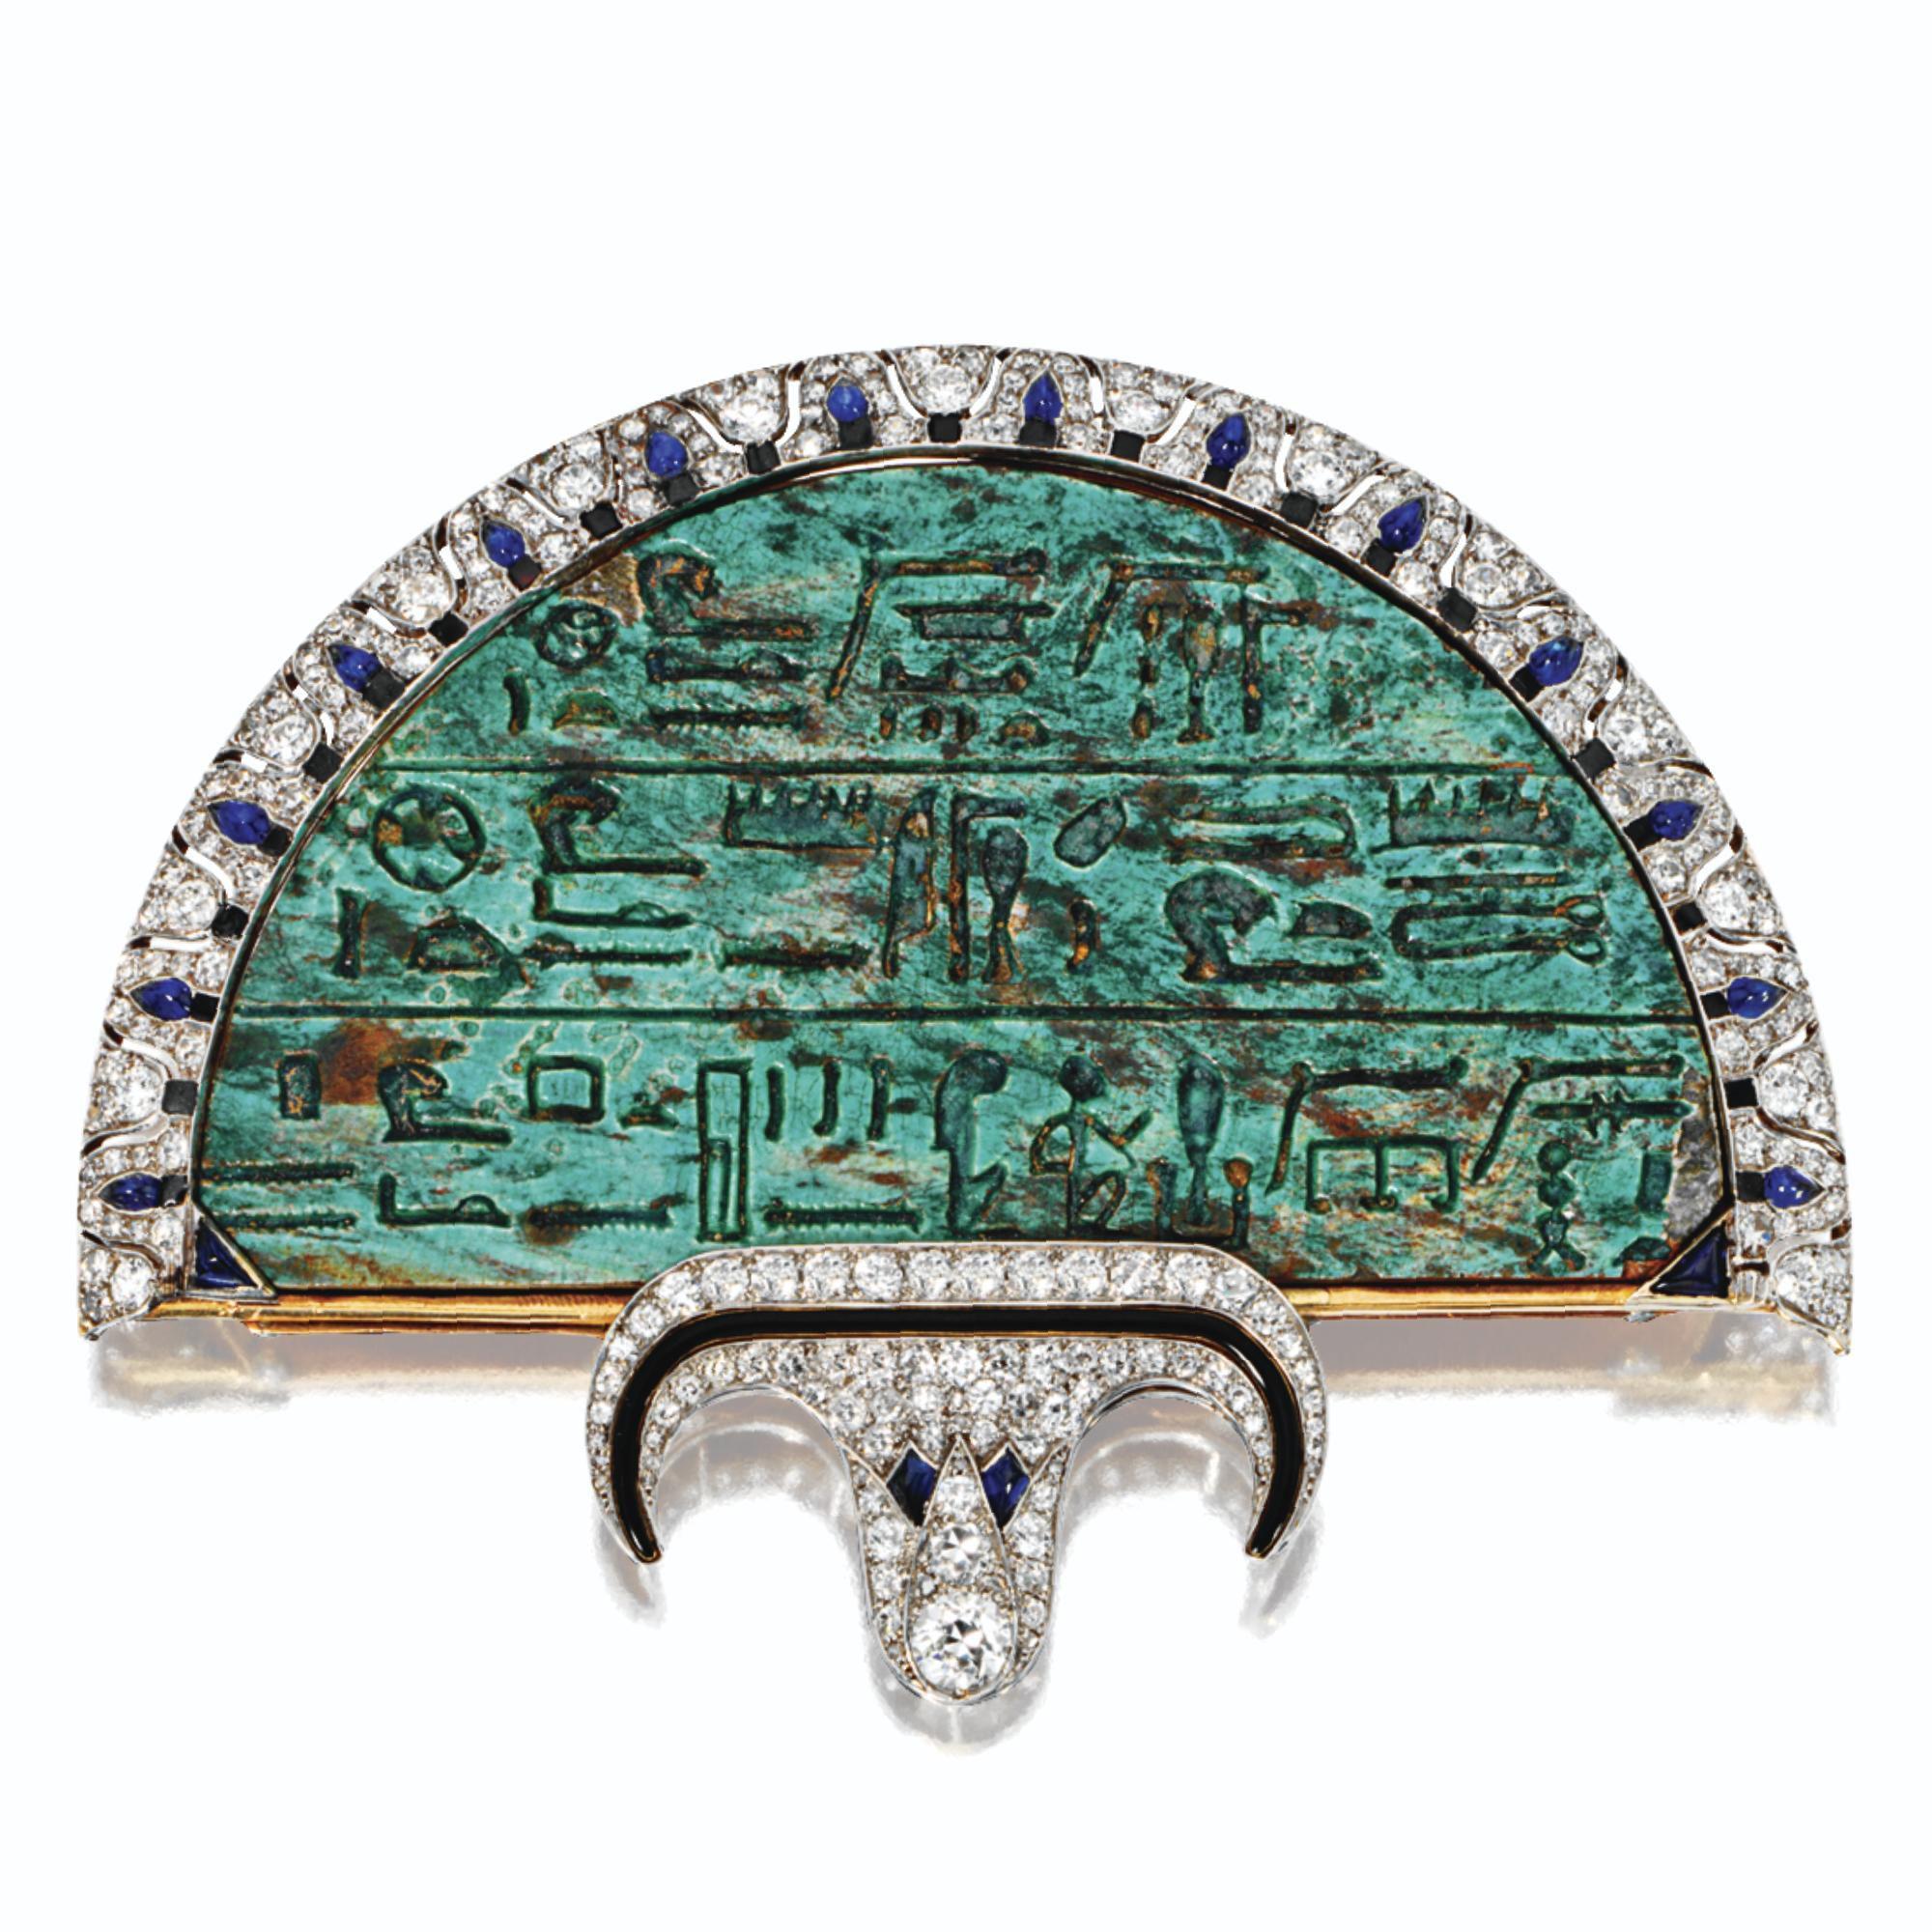 Egyptian Revival Jeweled Fan Brooch Cartier London 1923 Art Deco Jewelleryjewelry